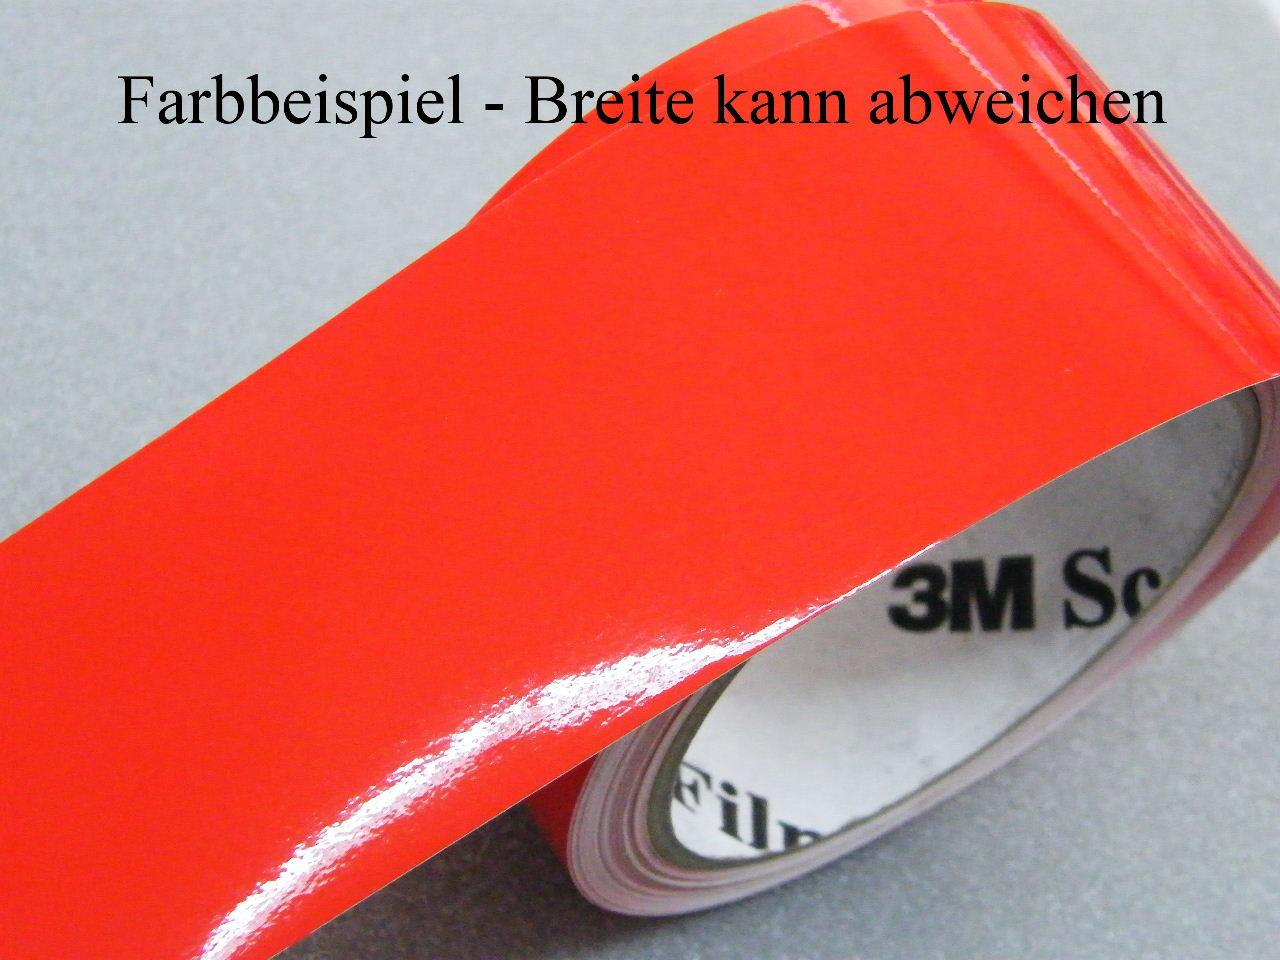 Zierstreifen 20 mm gelb 730 glänzend Zierlinie Dekorstreifen Warnstreifen 2 cm